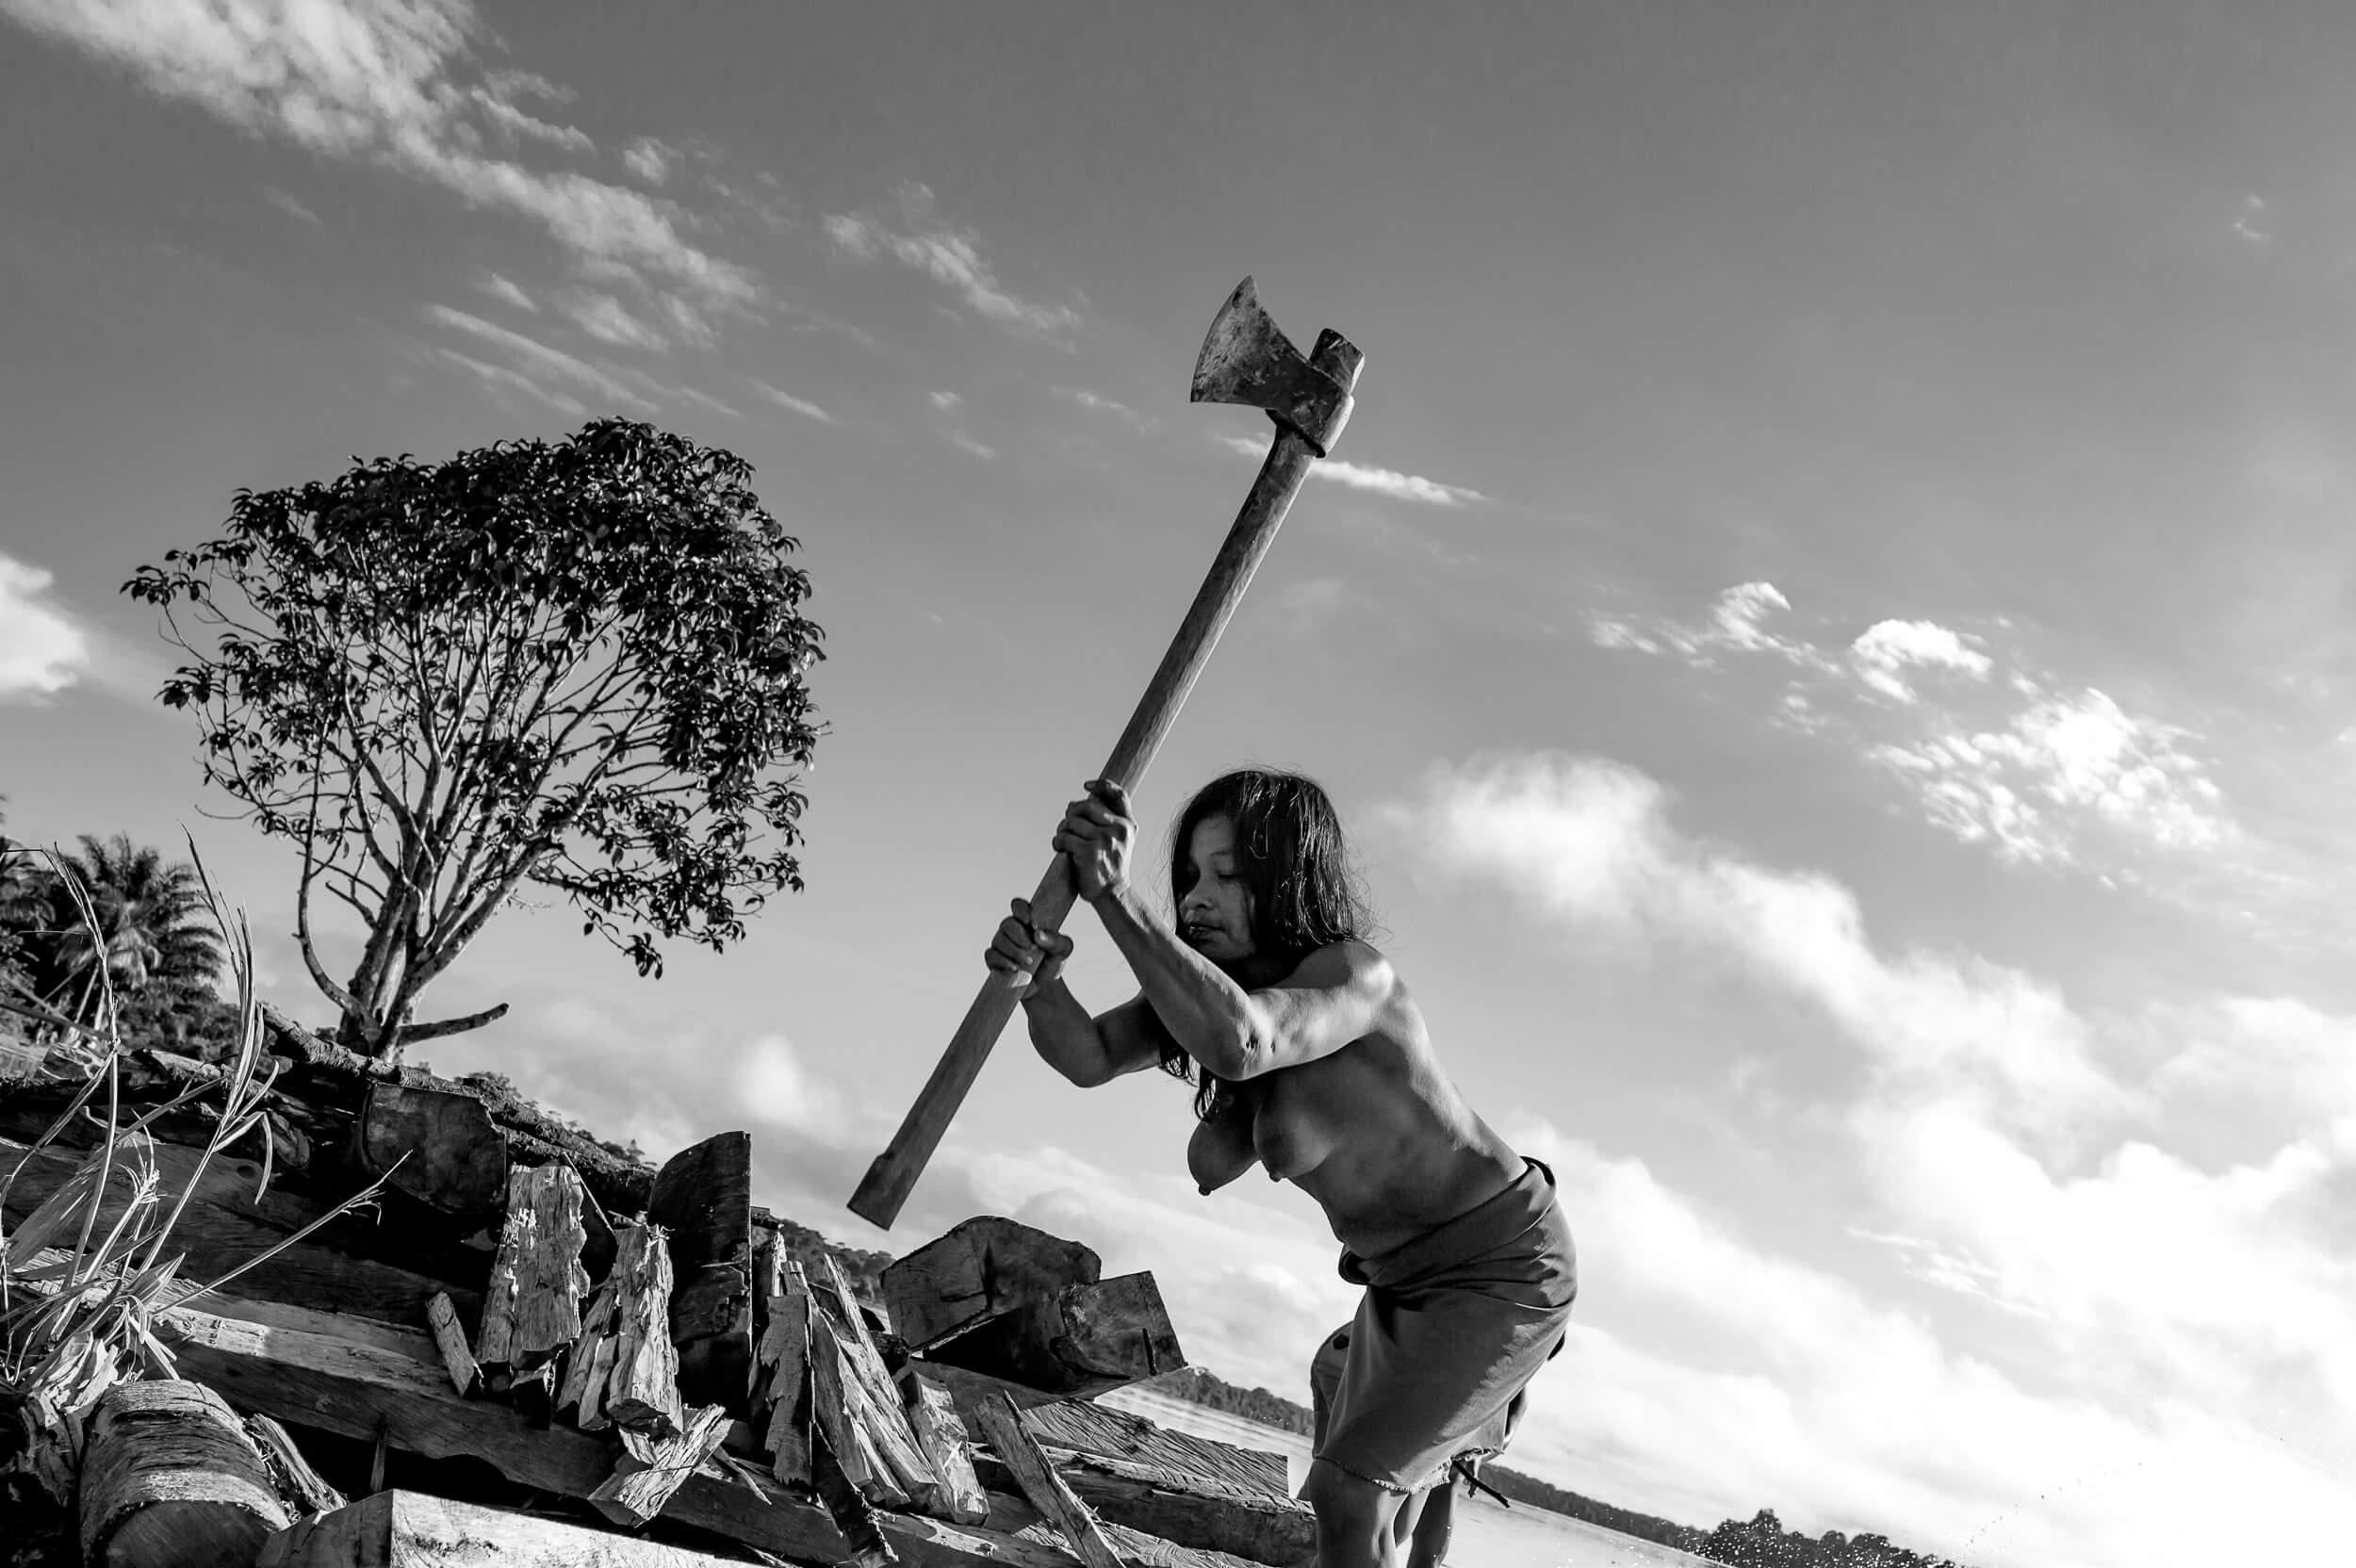 Galería: el desplazamiento sigue vivo en la Colombia de la paz